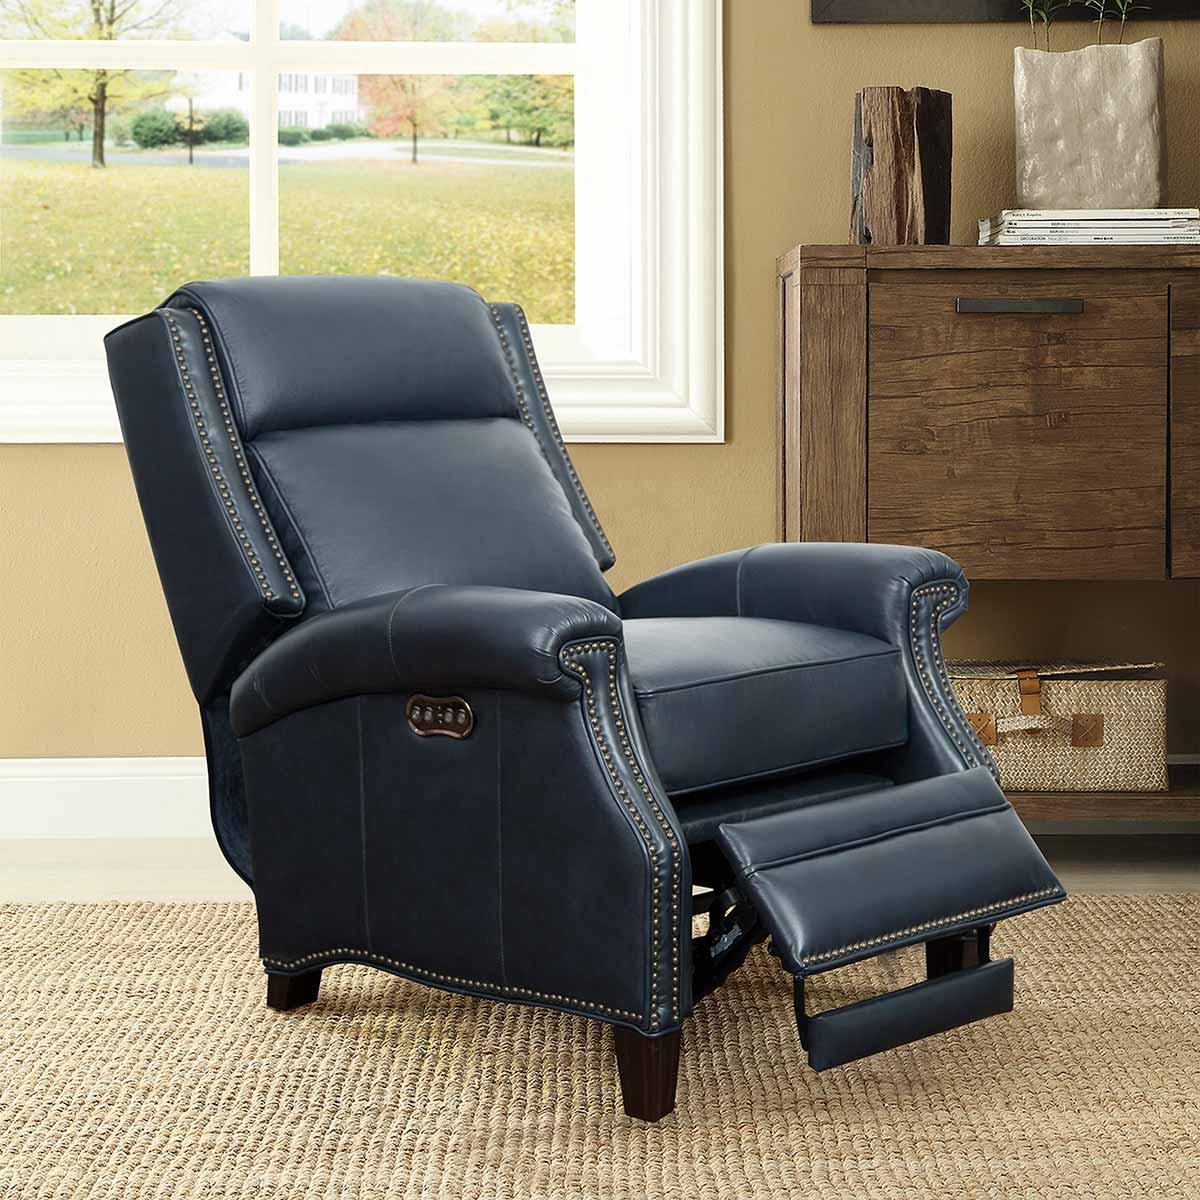 Barcalounger Barrett Power Recliner Chair with Power Headrest - Shoreham Blue/All Leather